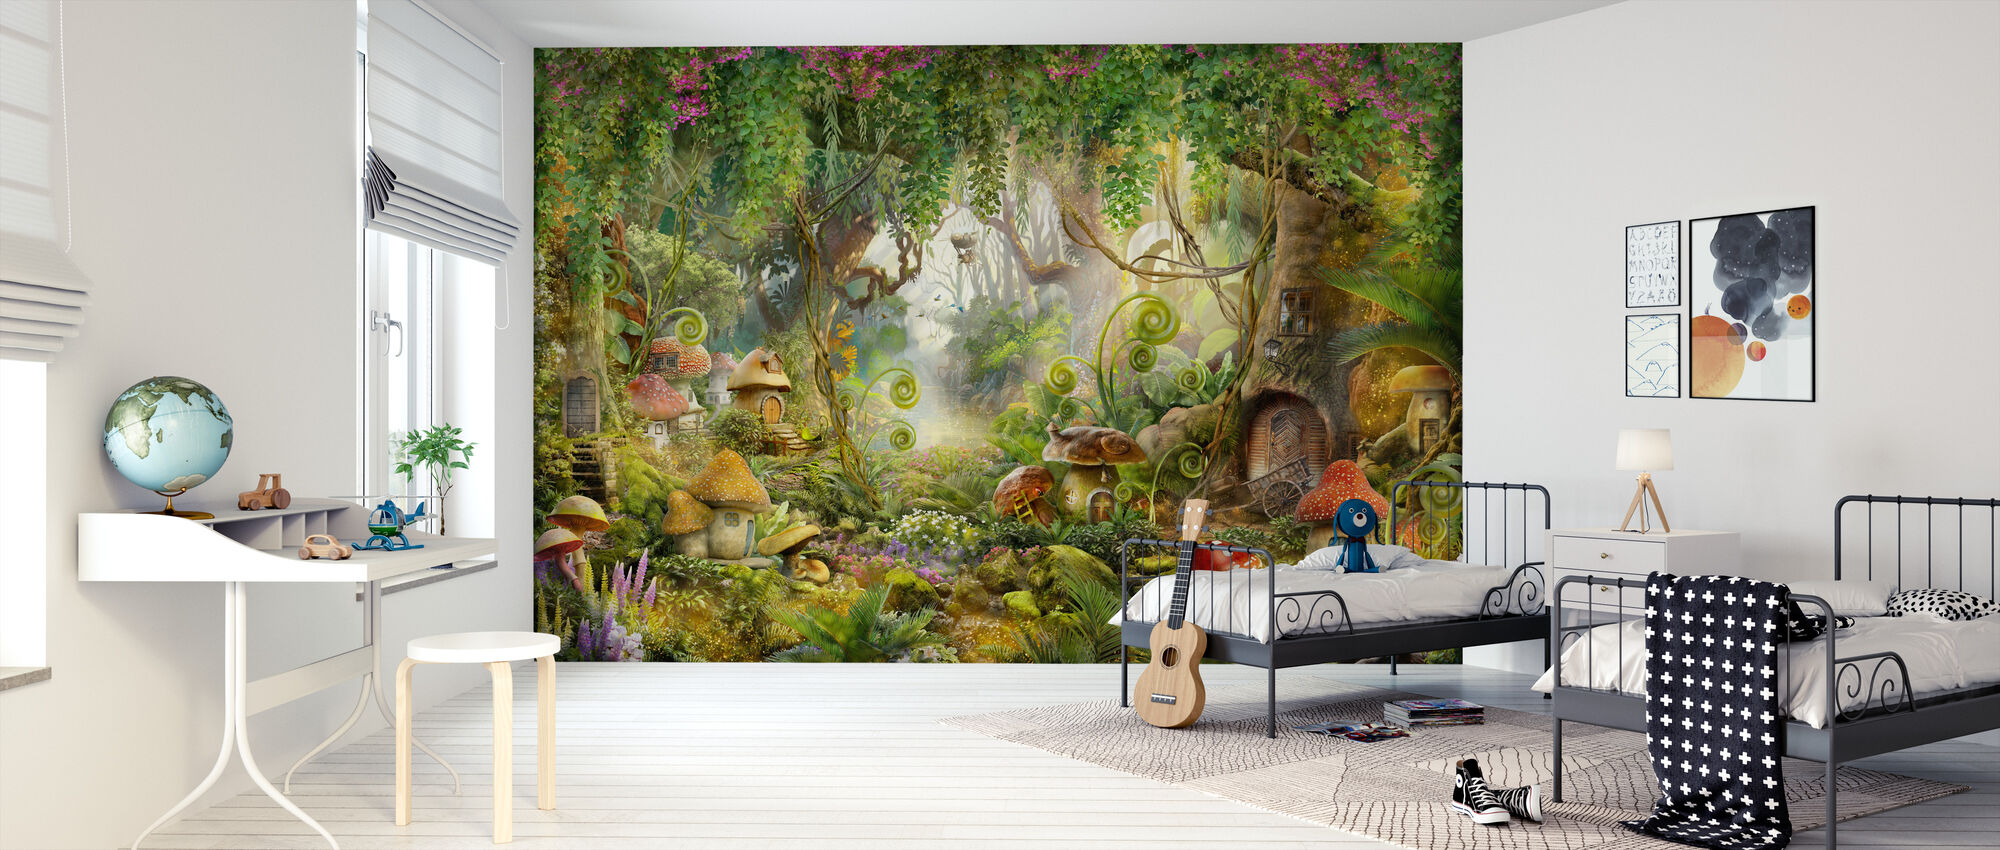 Mushroom Dorp - Behang - Kinderkamer